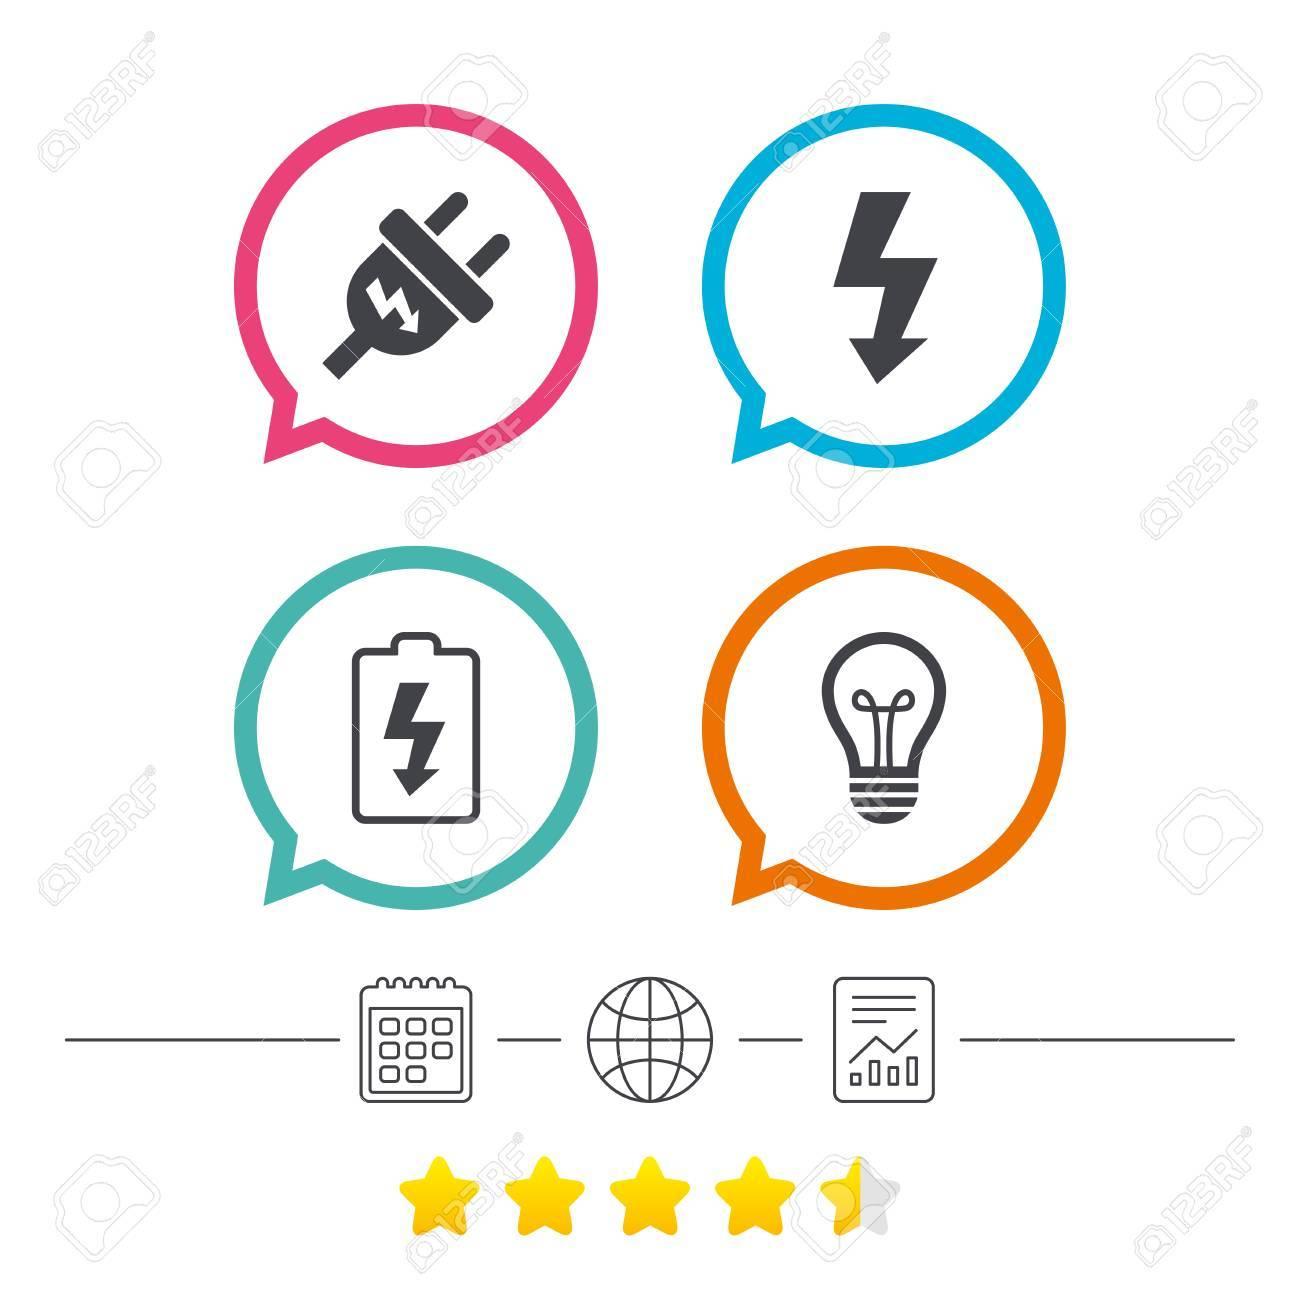 Elektrisches Stecker-Symbol. Lampen- Und Batteriesymbole. Niedrige ...